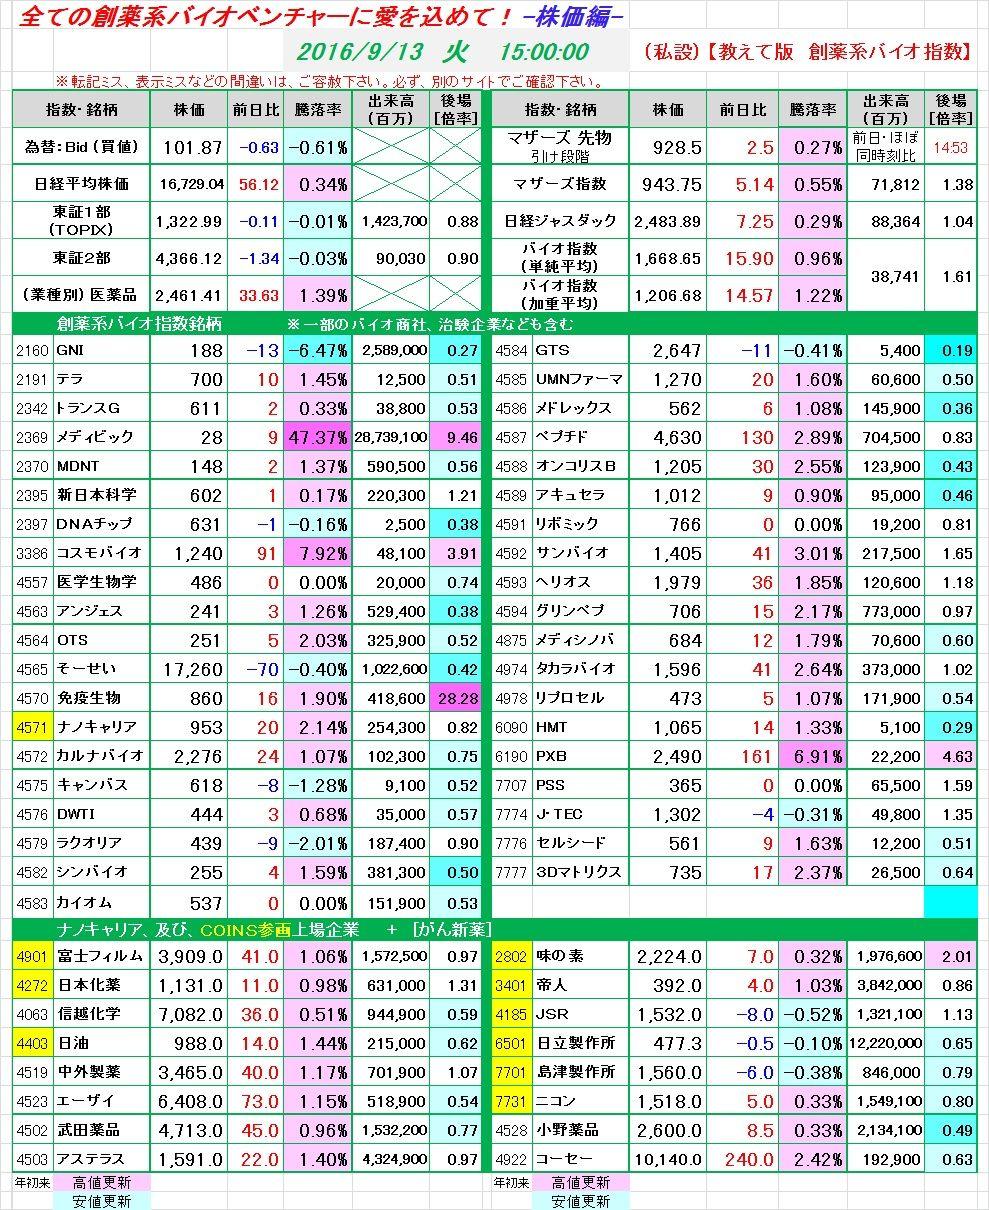 4571 - ナノキャリア(株) 昨日の【バイオ銘柄、終値データ】